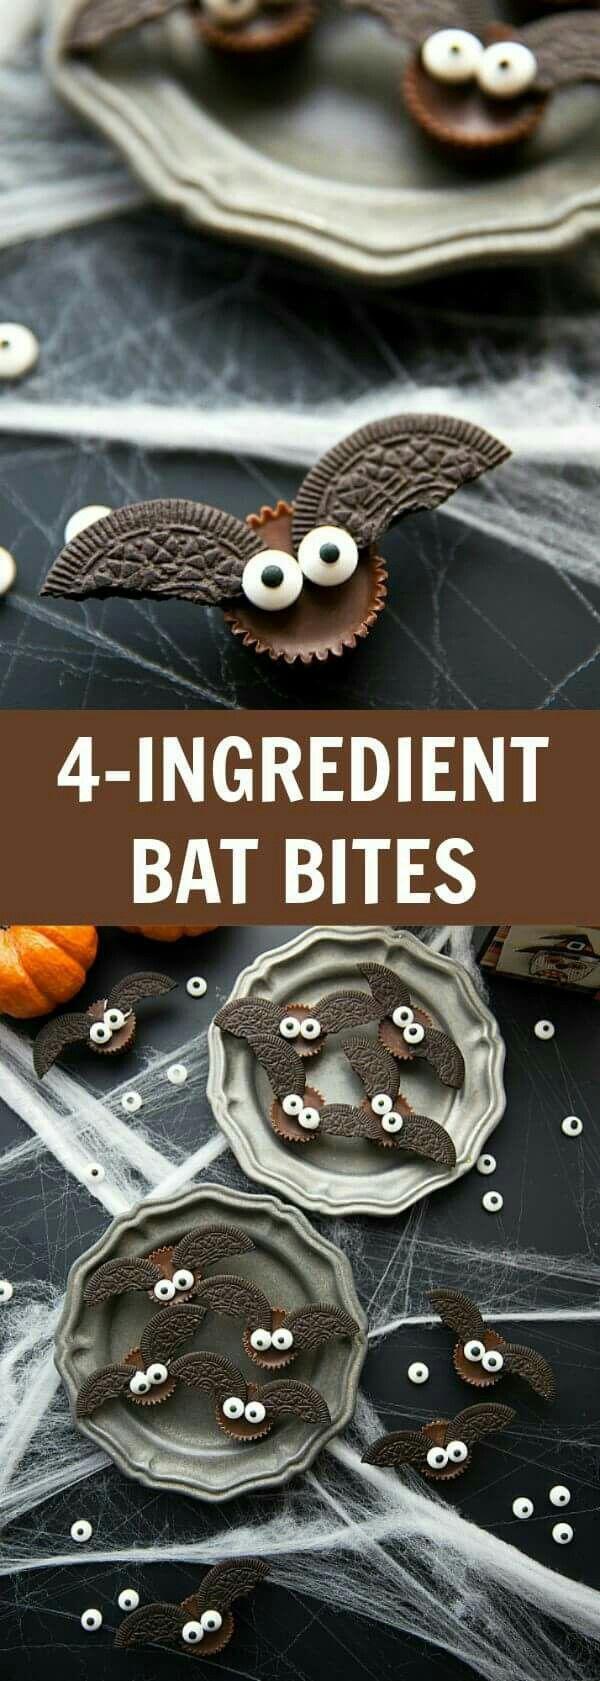 galletas de murciélago